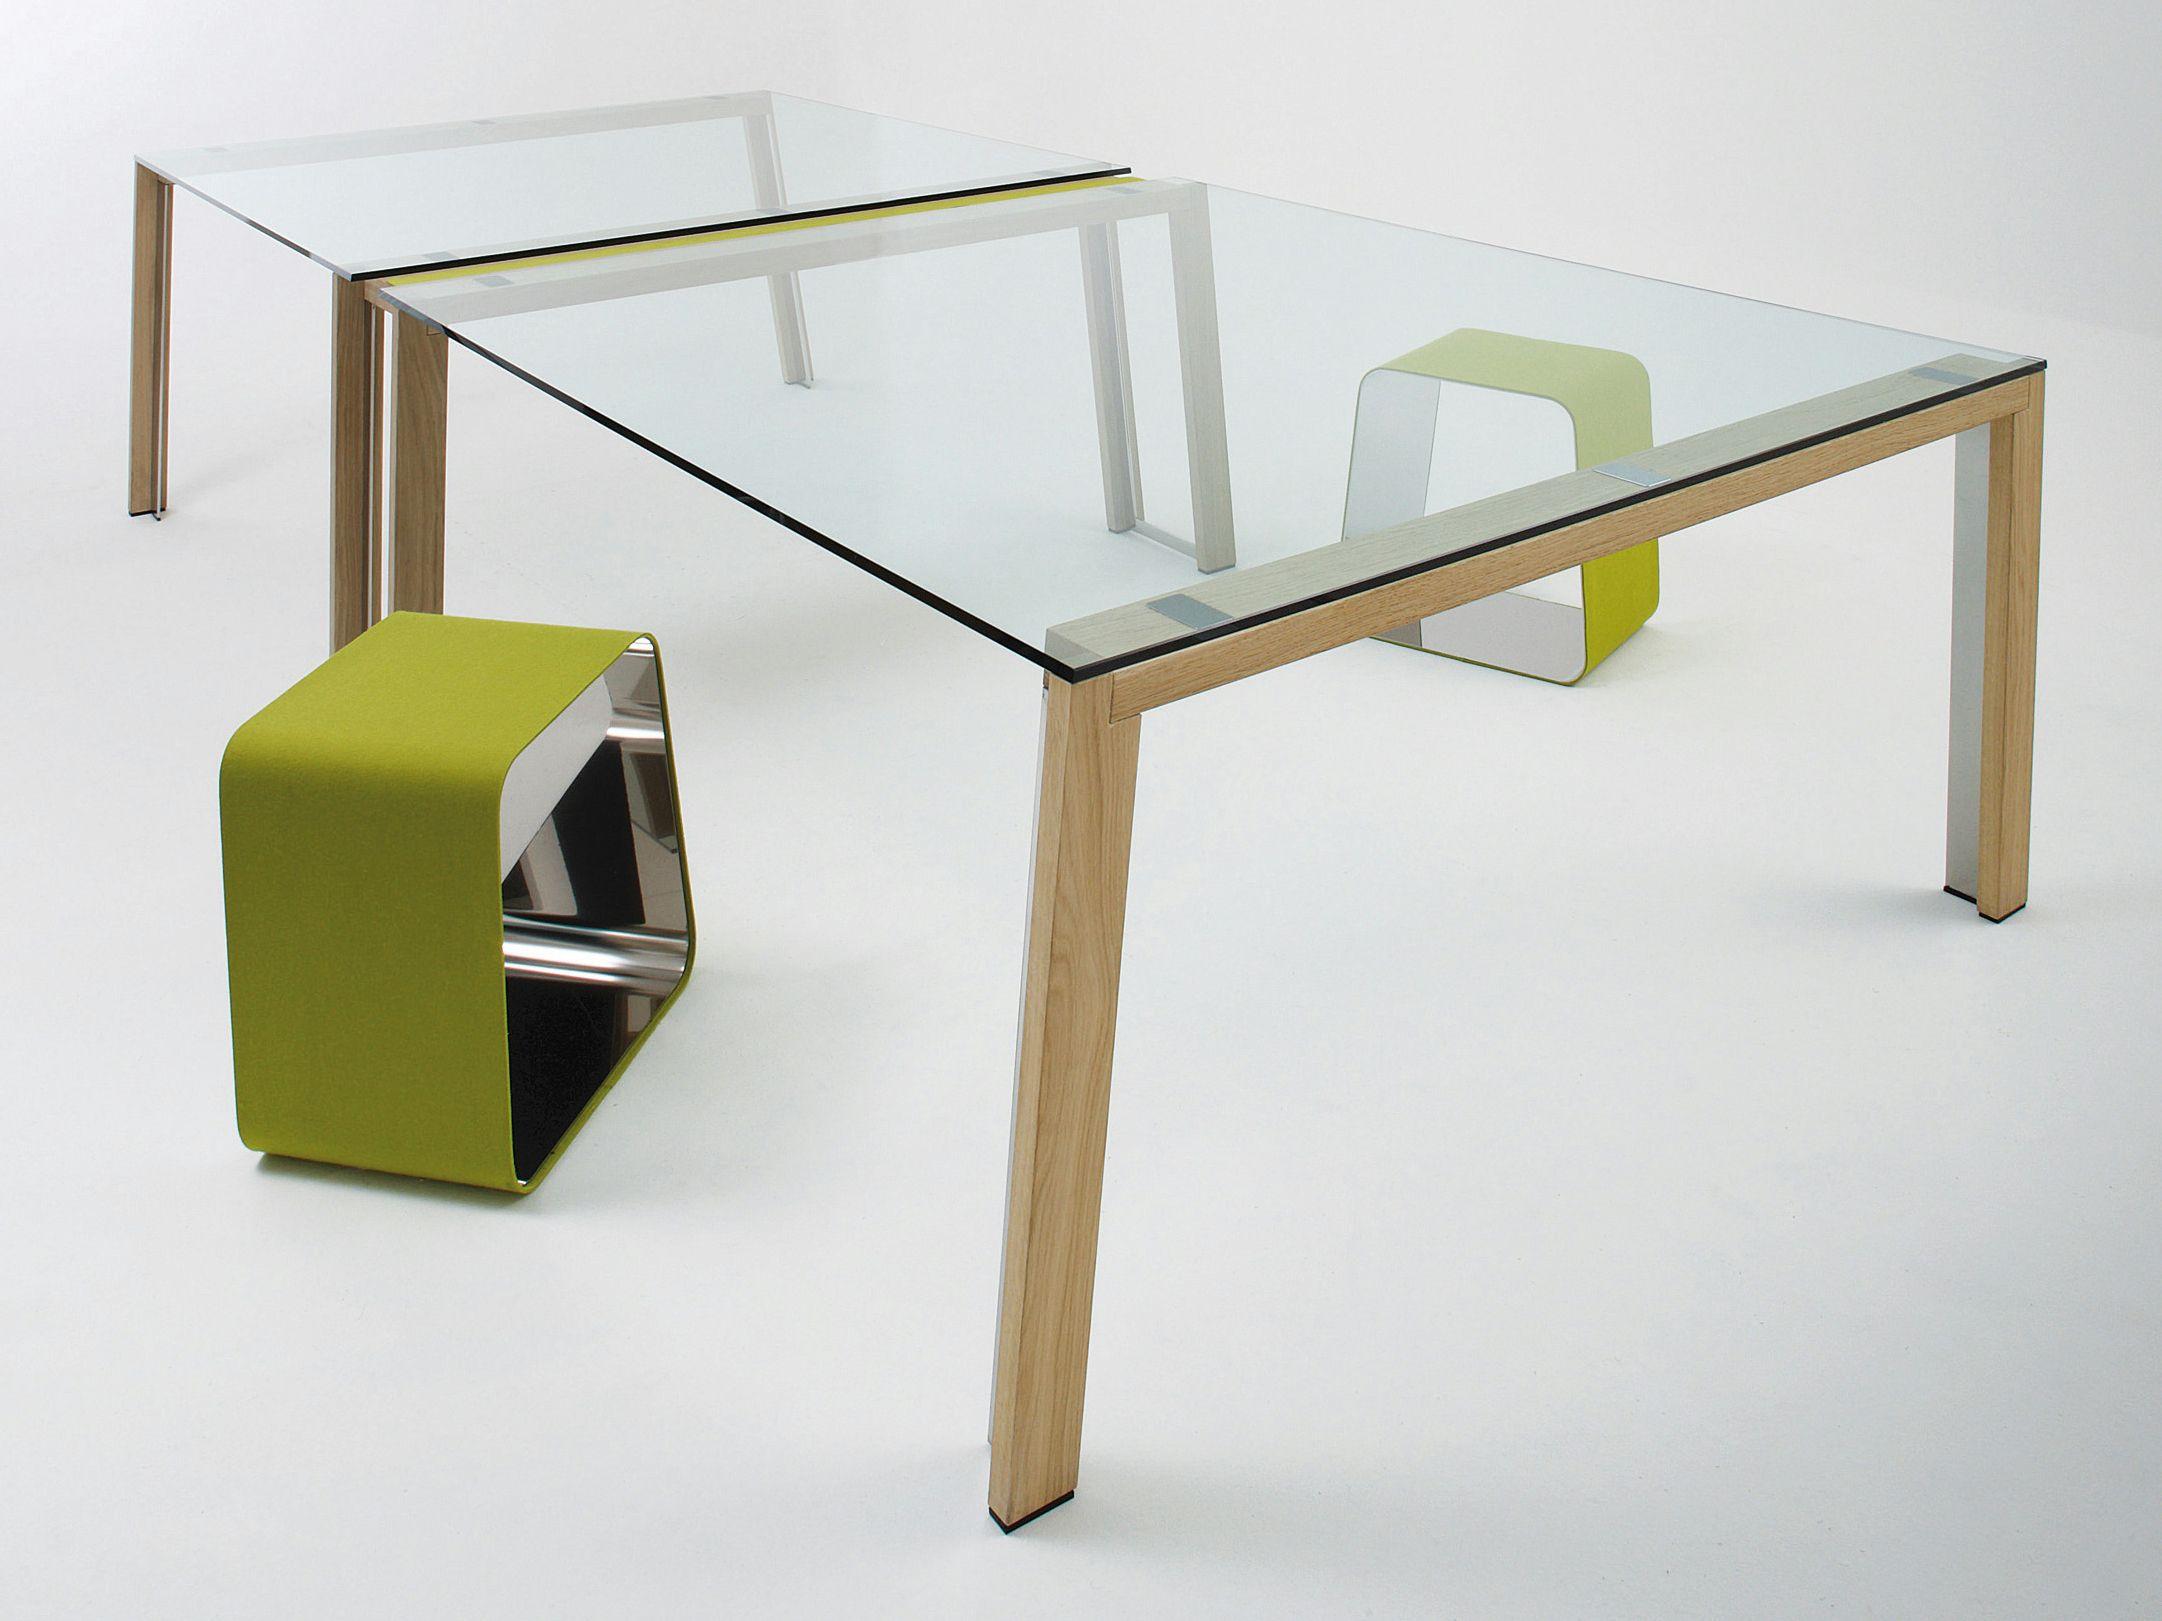 Scrivania rettangolare in cristallo wgs double by gallotti for Scrivania cristallo design